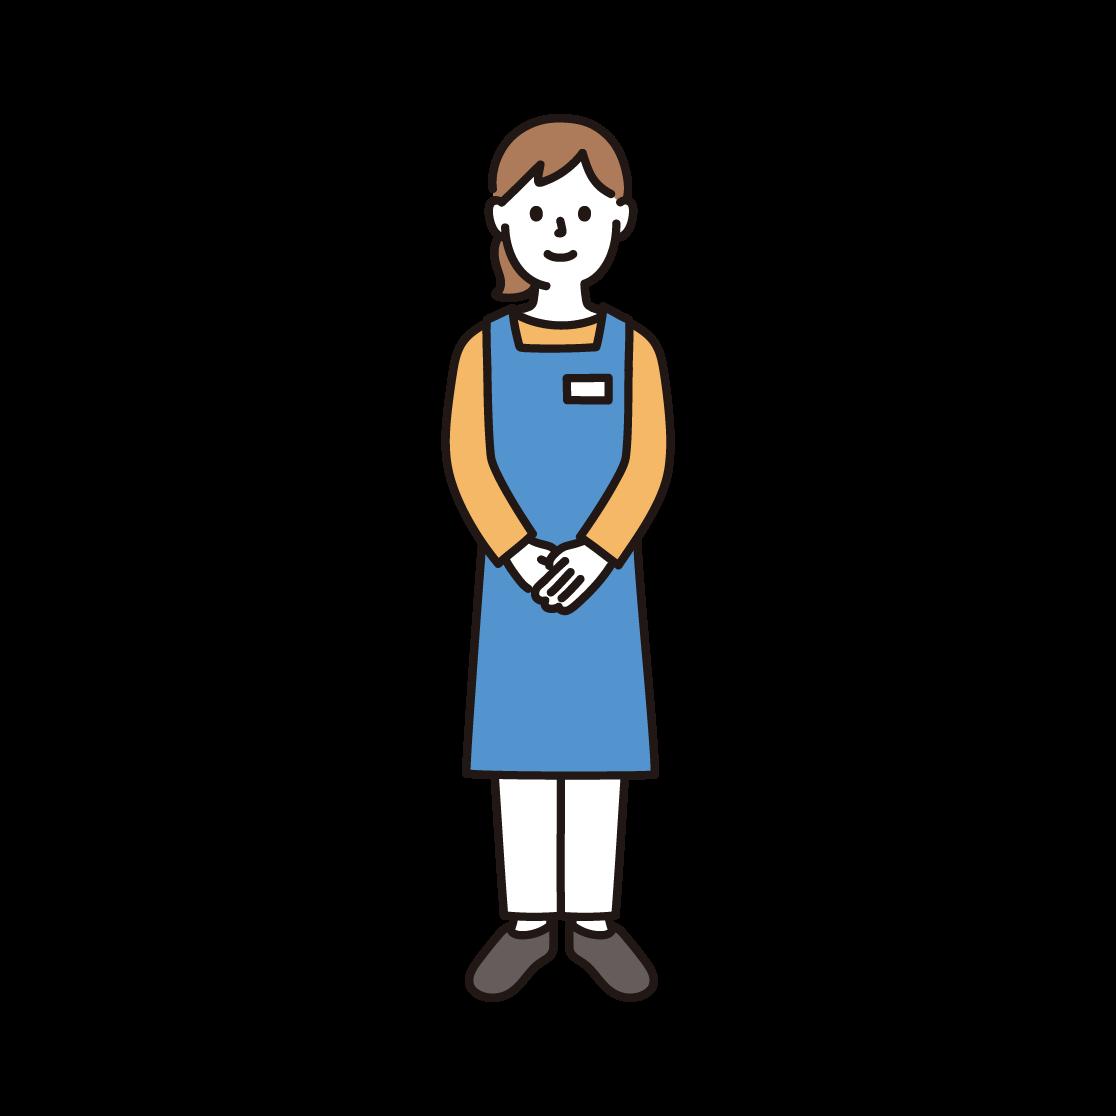 スーパーの店員(女性)のイラスト